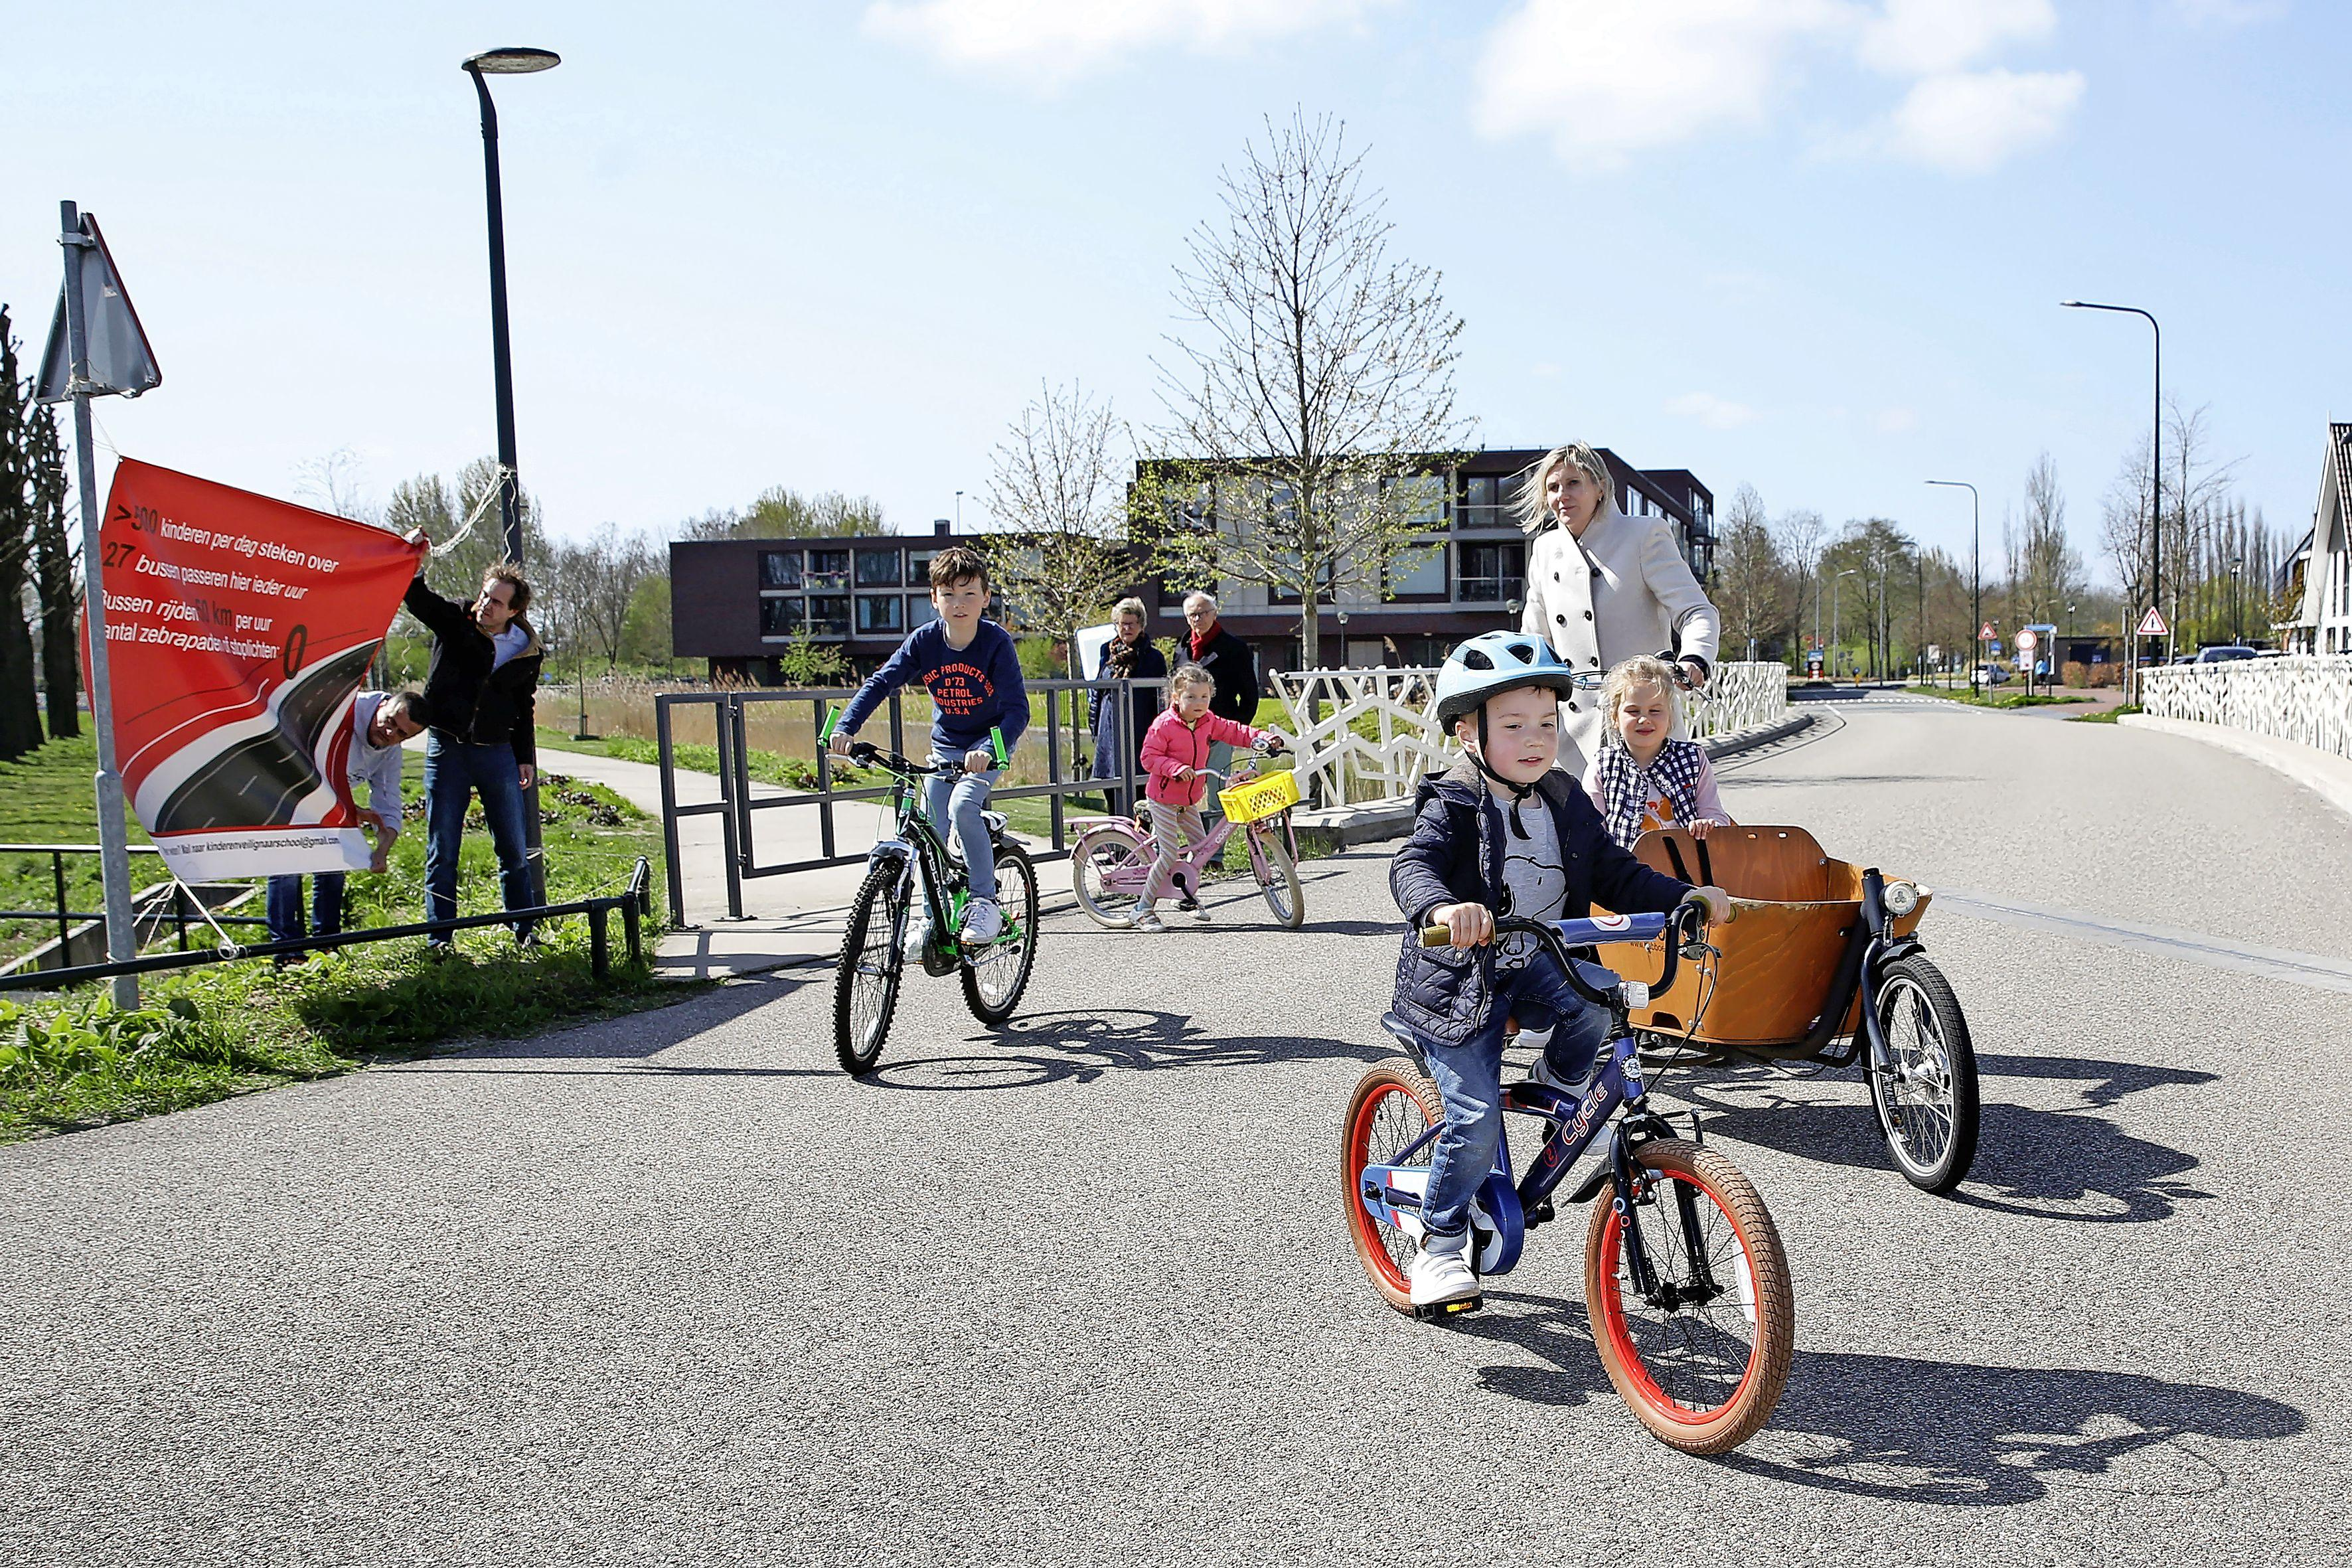 En weg is het verzet tegen de Blaricumse HOV-buslijn; Stroomzijde wordt een 30 km-baan met veilige oversteekplaatsen. Iedereen weer een beetje blij